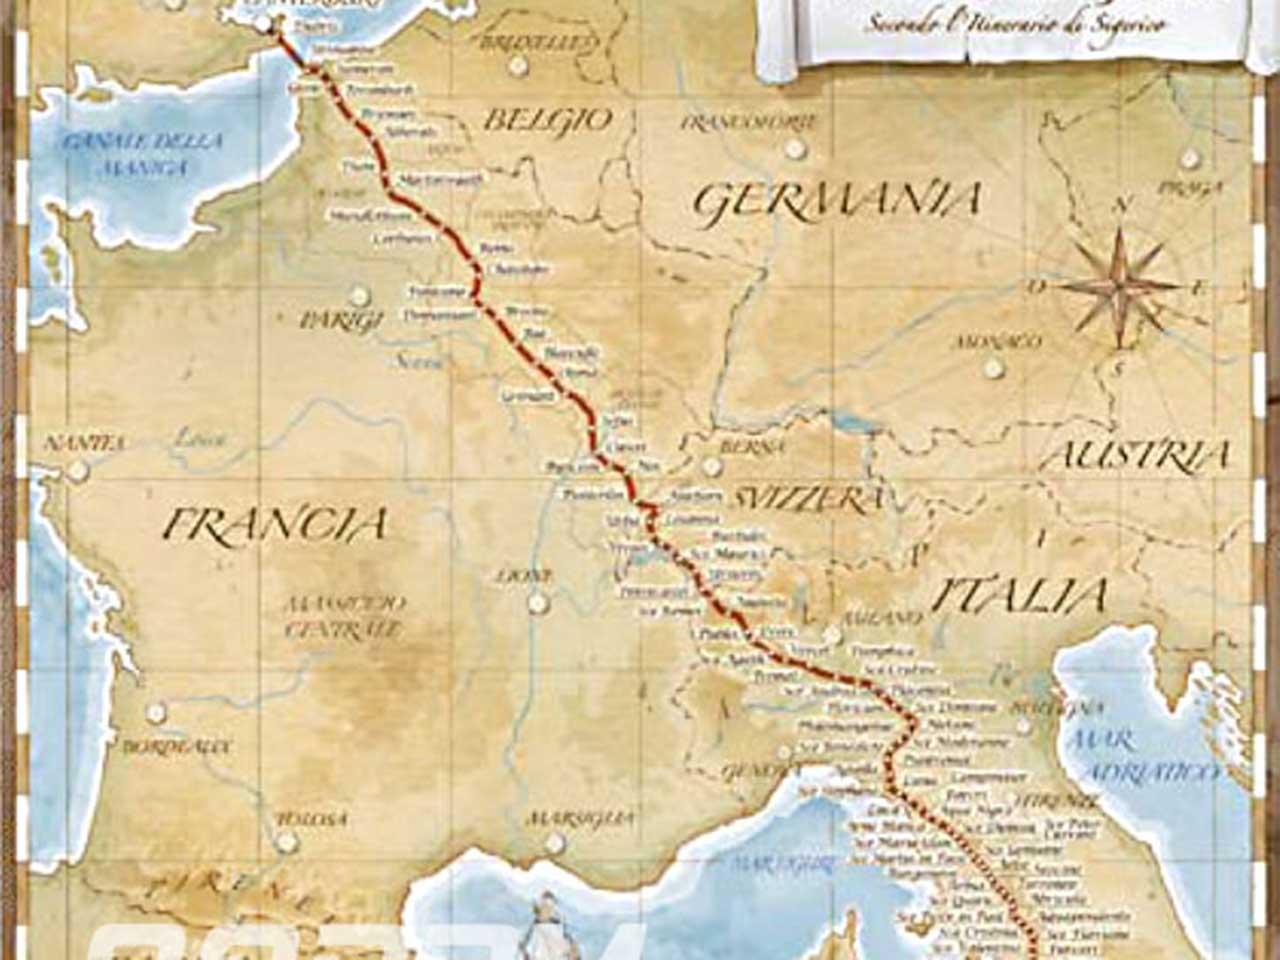 Mappa francigena - l'inizio della birra artigianale lessinia